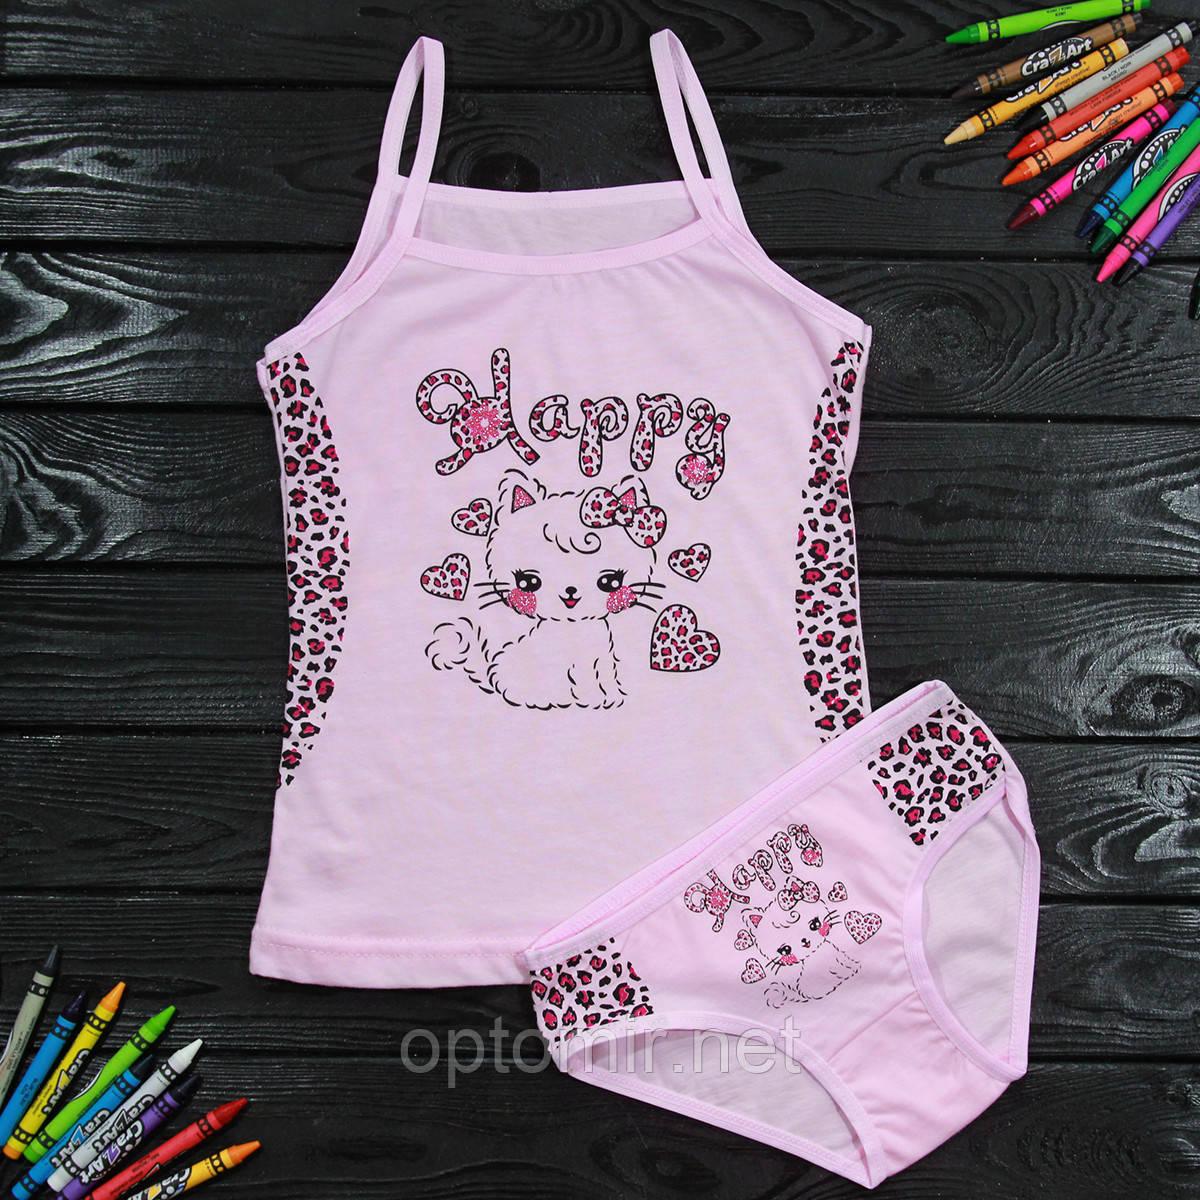 Комплект детский Donella с котенком розовый для девочки на 4/5 лет